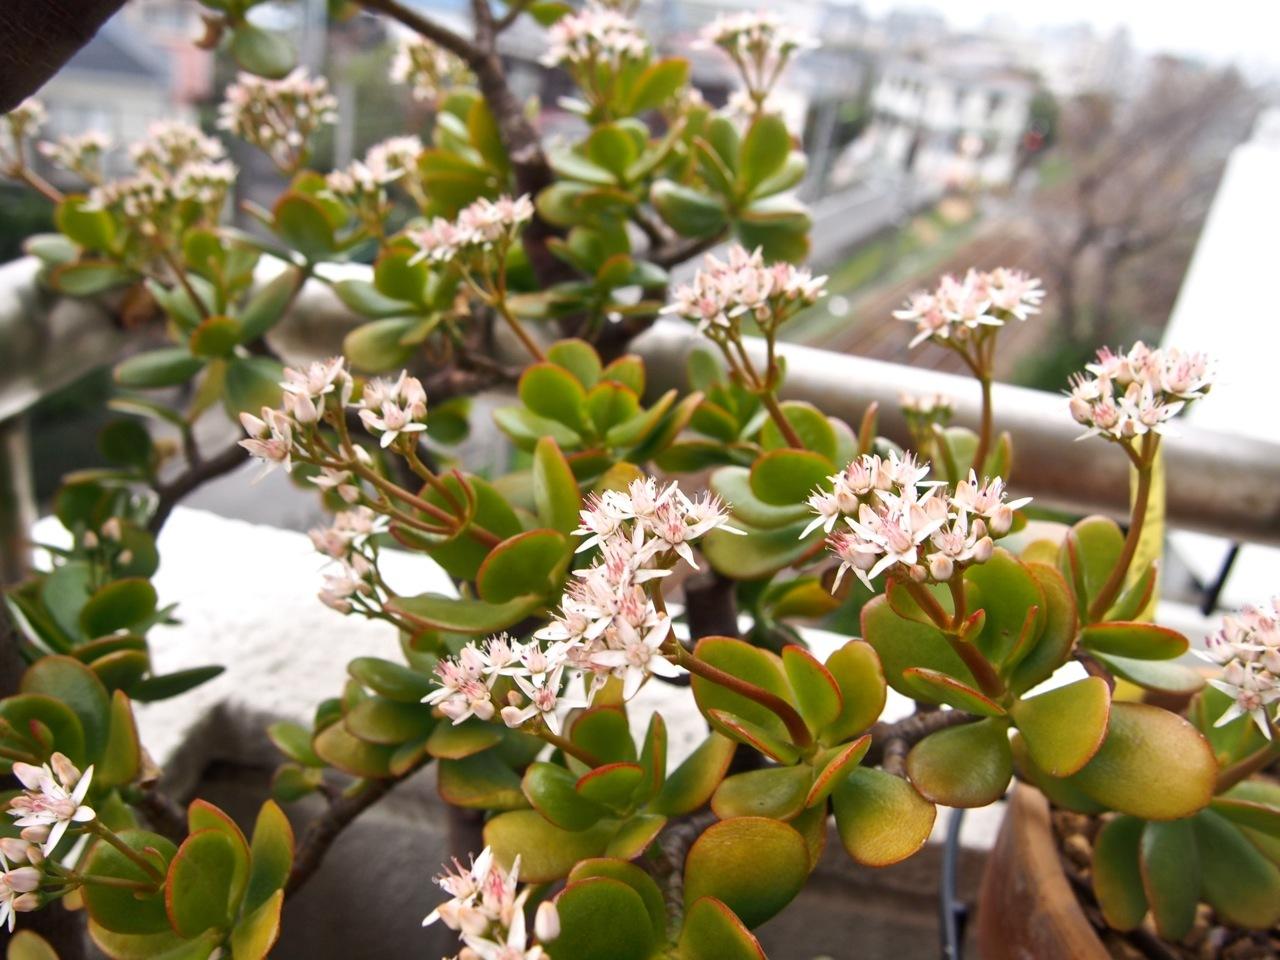 杏の花が咲いたよ(春の植物図鑑@ベランダ宇宙)_d0244370_17401620.jpg